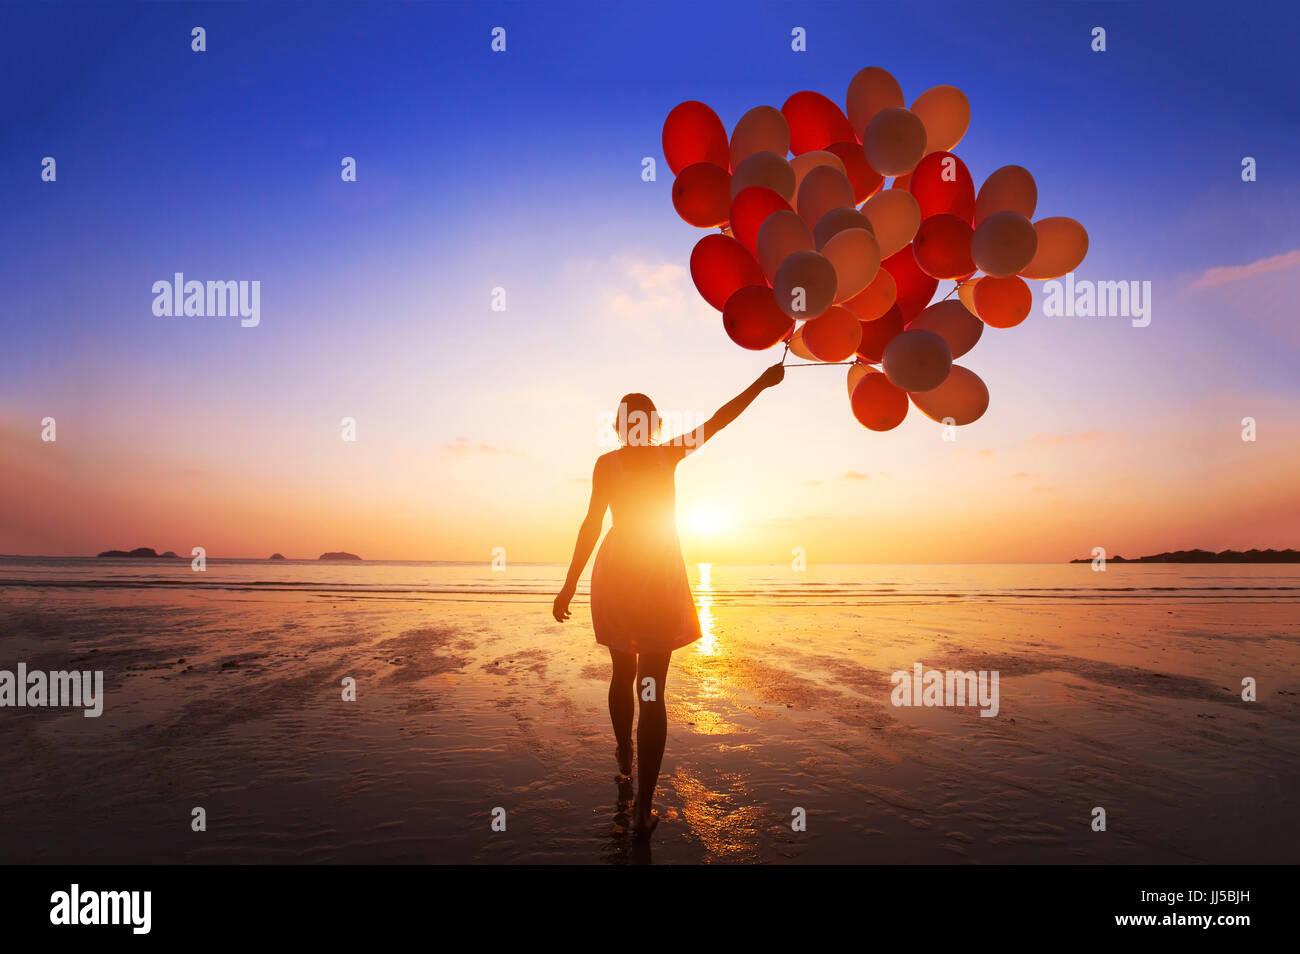 Ispirazione, gioia e felicità concetto, silhouette di donna con molti battenti palloncini sulla spiaggia Immagini Stock